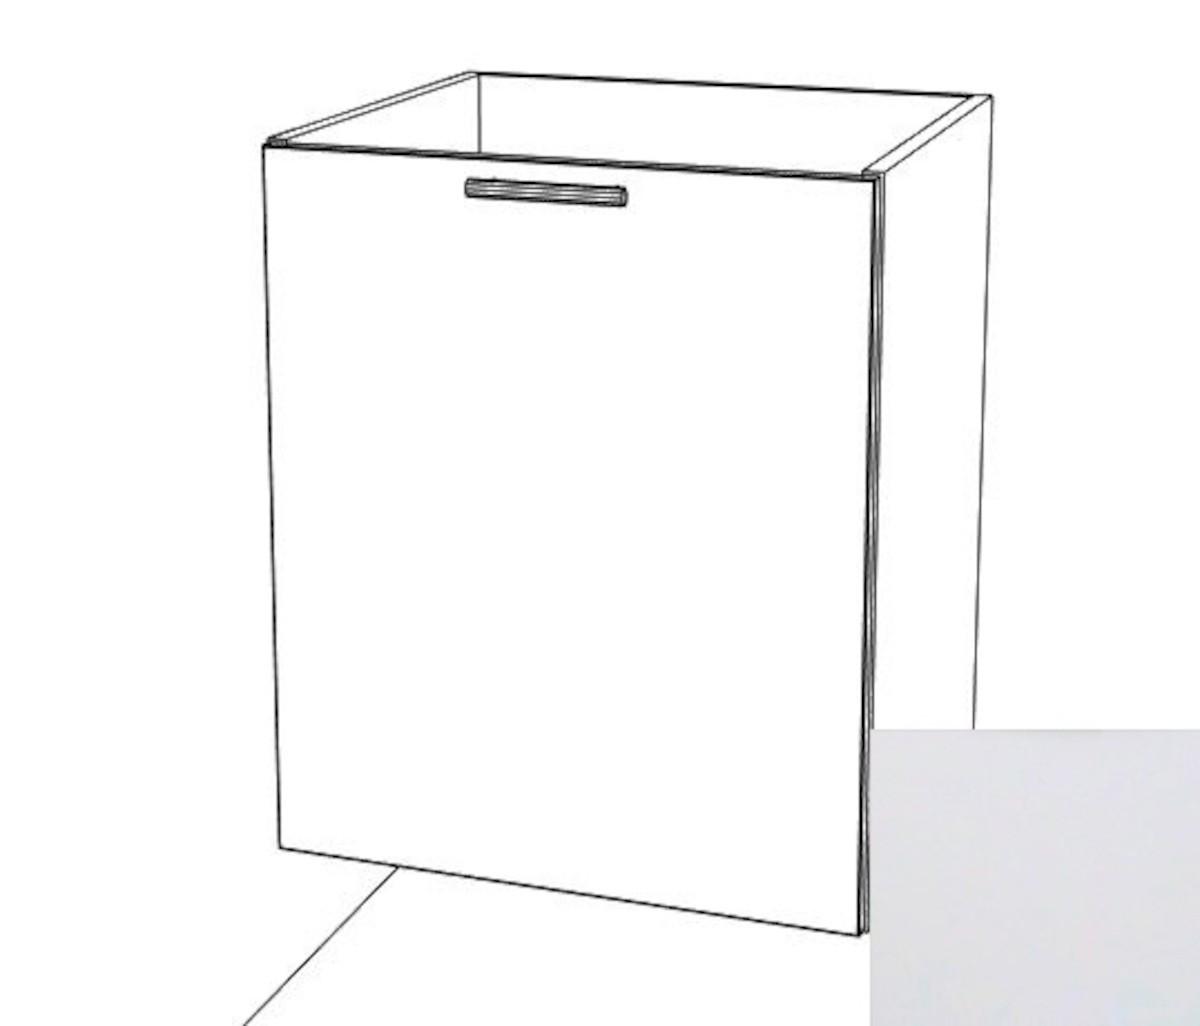 Kuchyňská skříňka dřezová spodní Naturel Gia 60 cm bílá mat BS6072BM